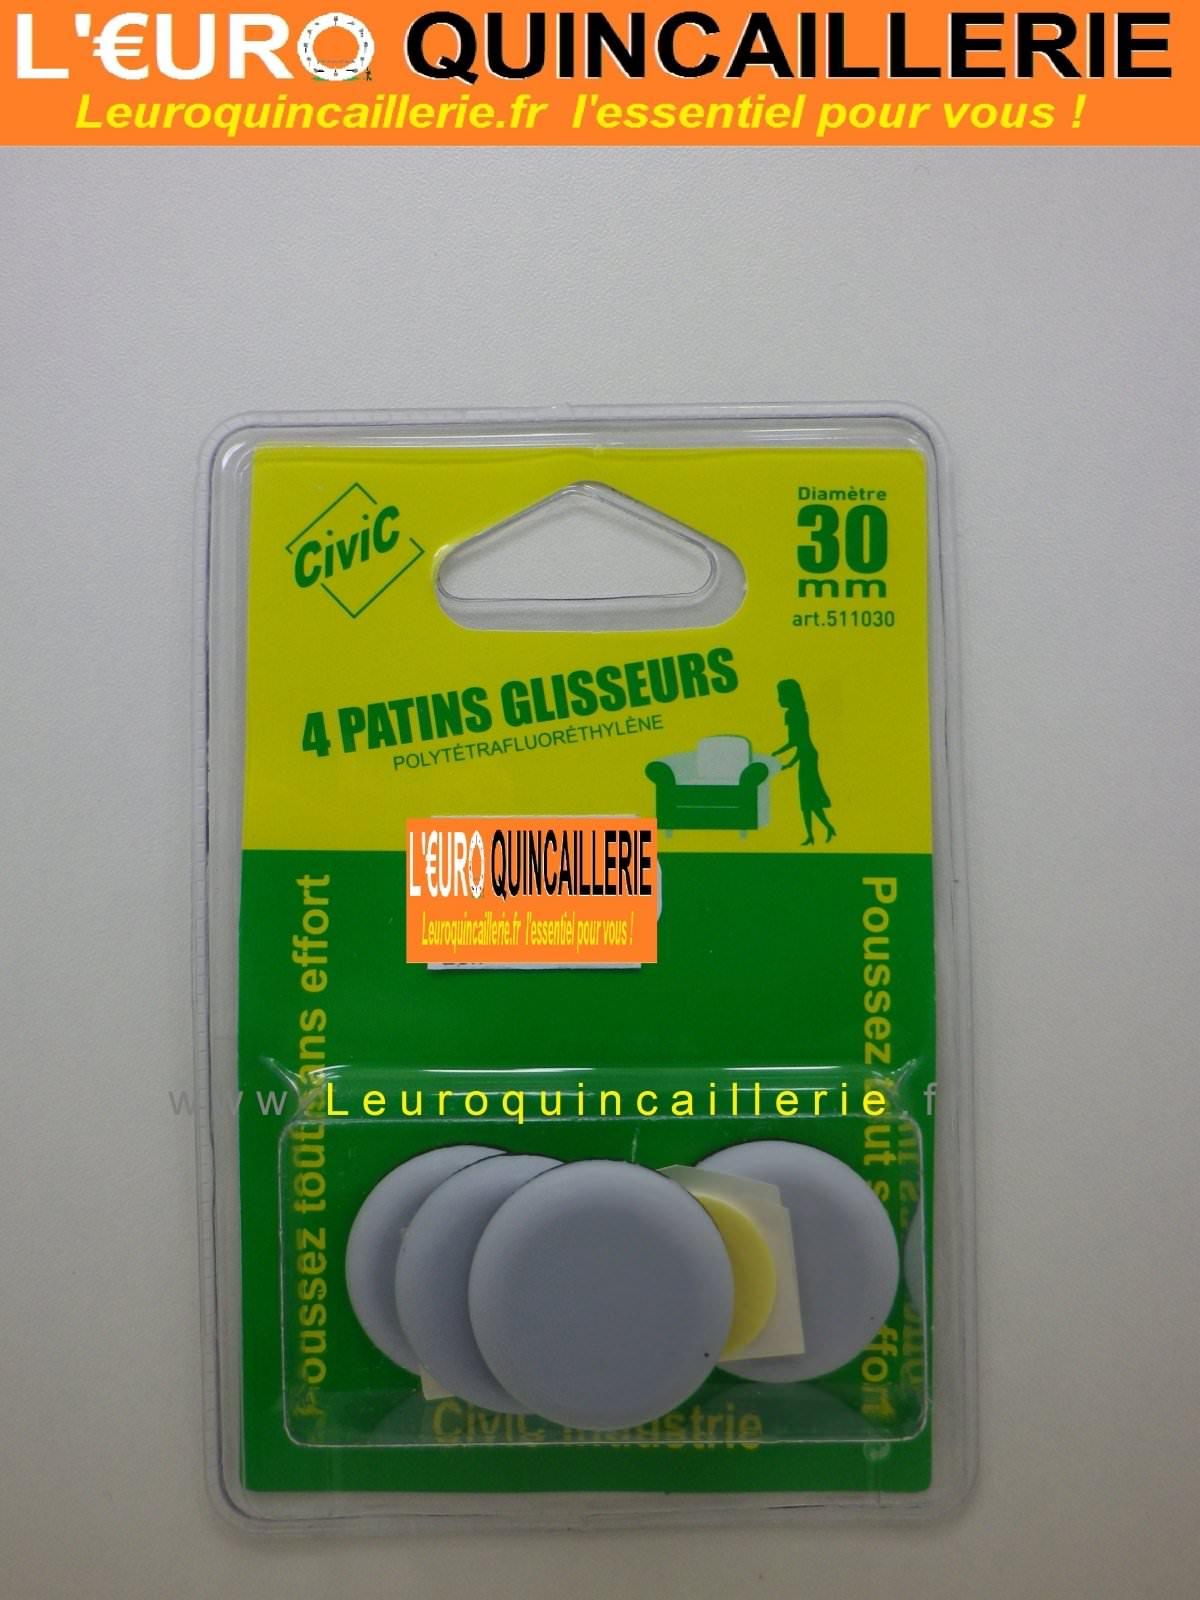 Patins glisseurs téflon rond 30mm